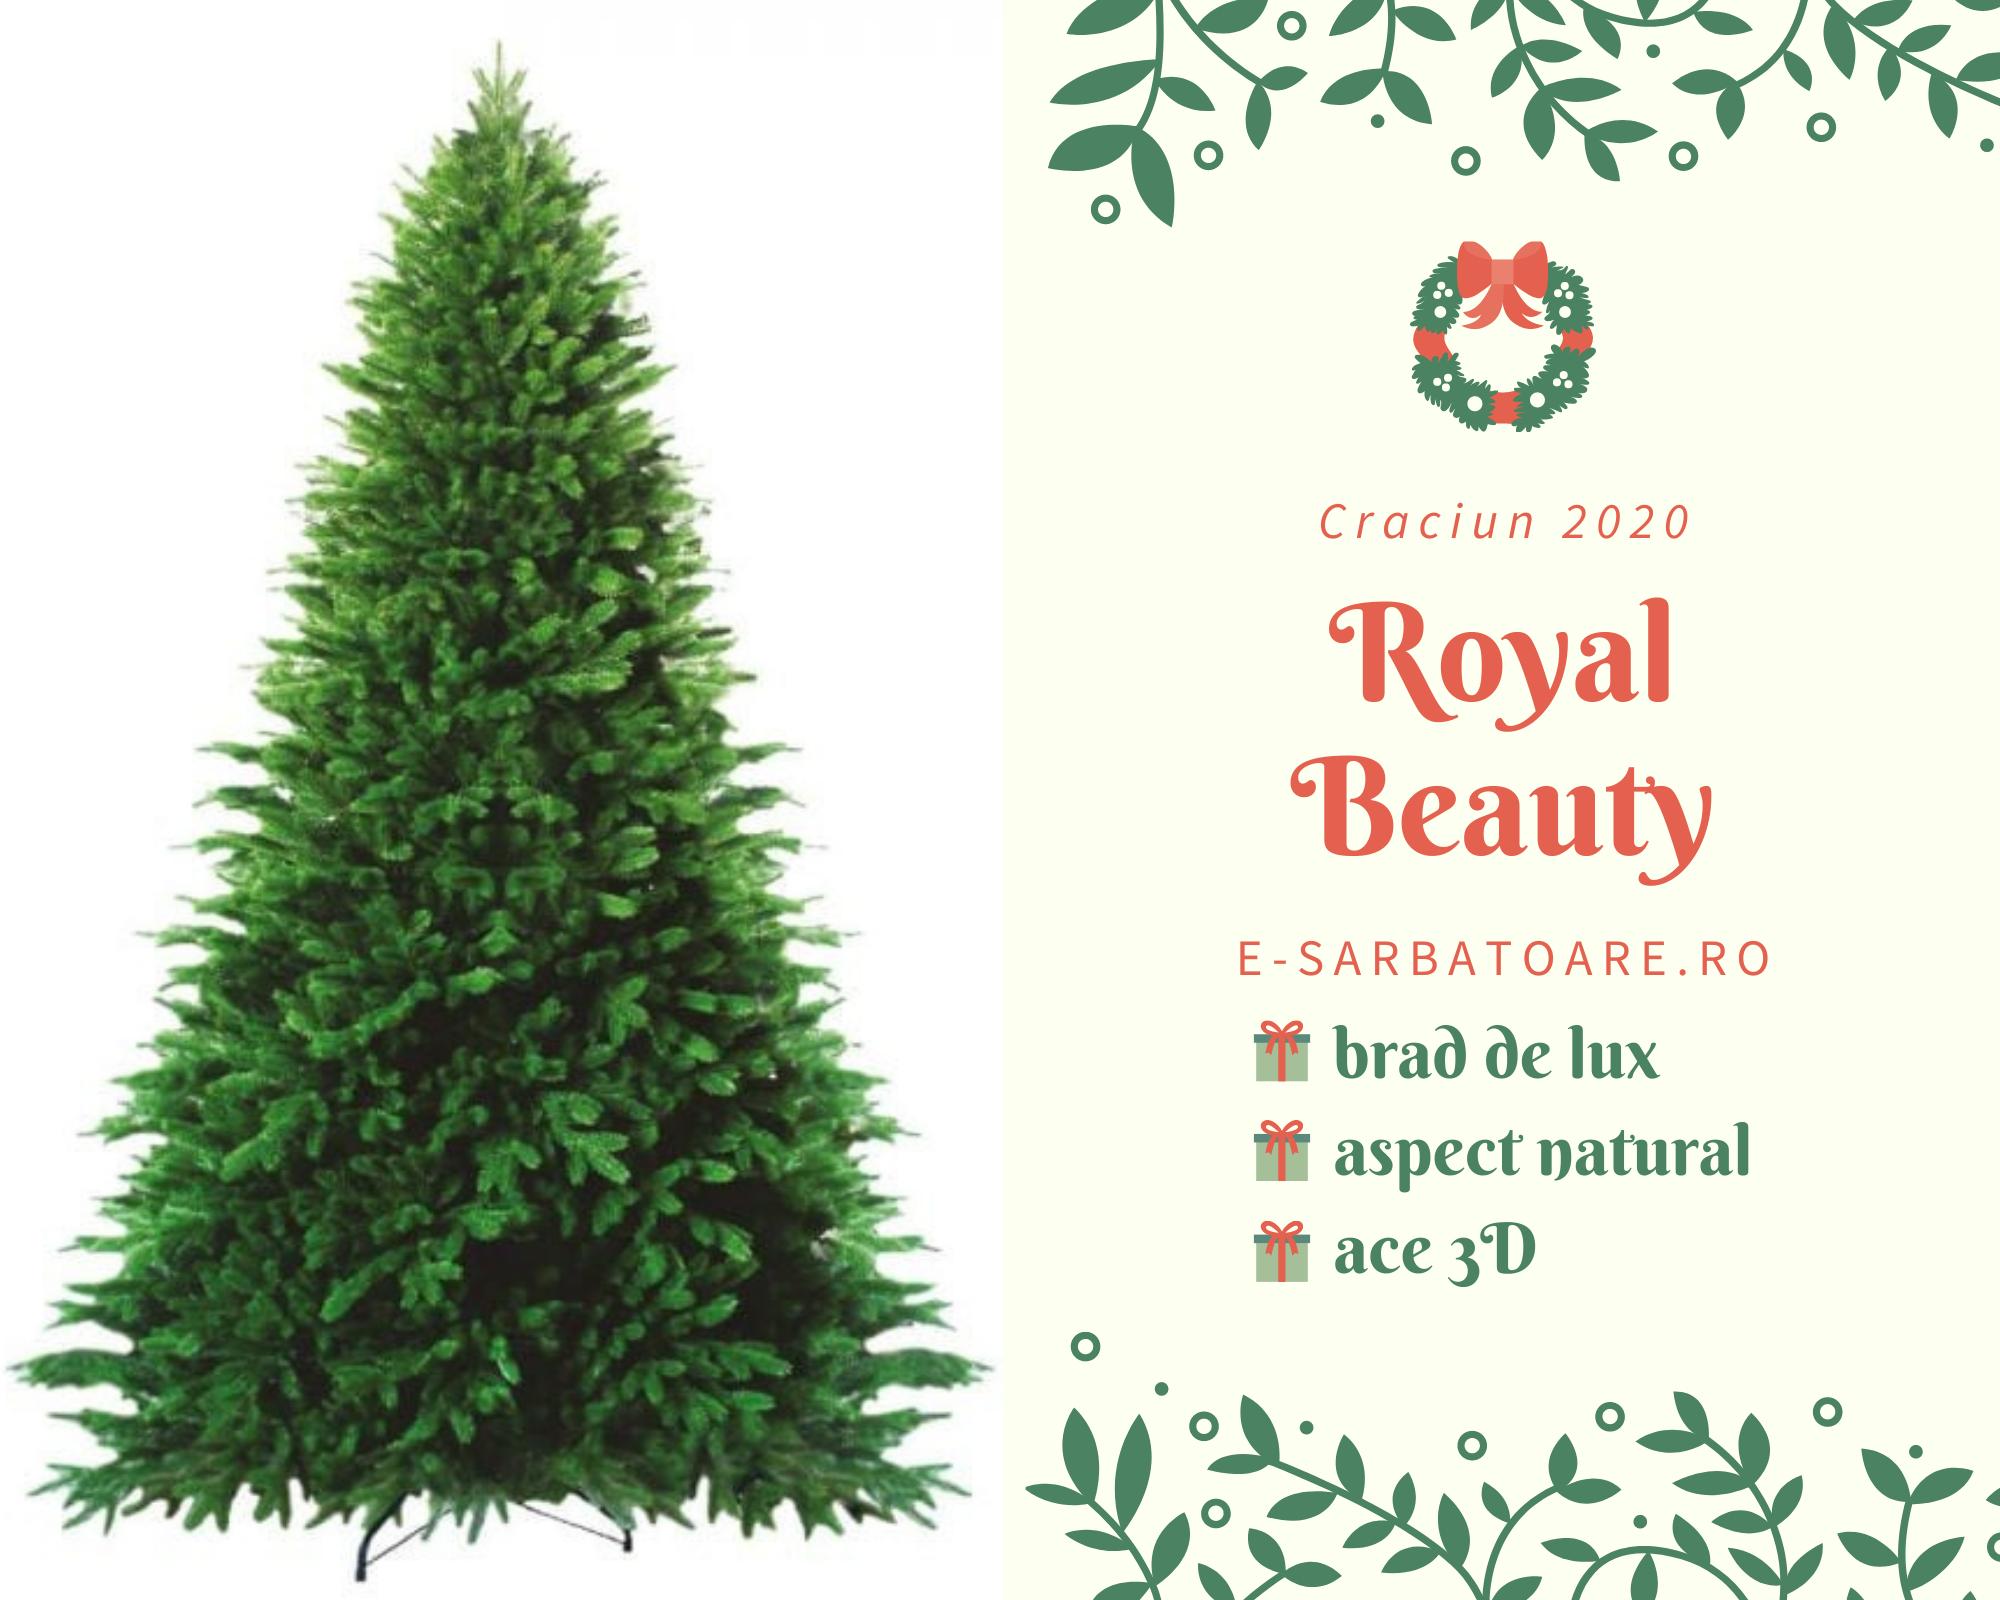 brad royal beauty e-sarbatoare